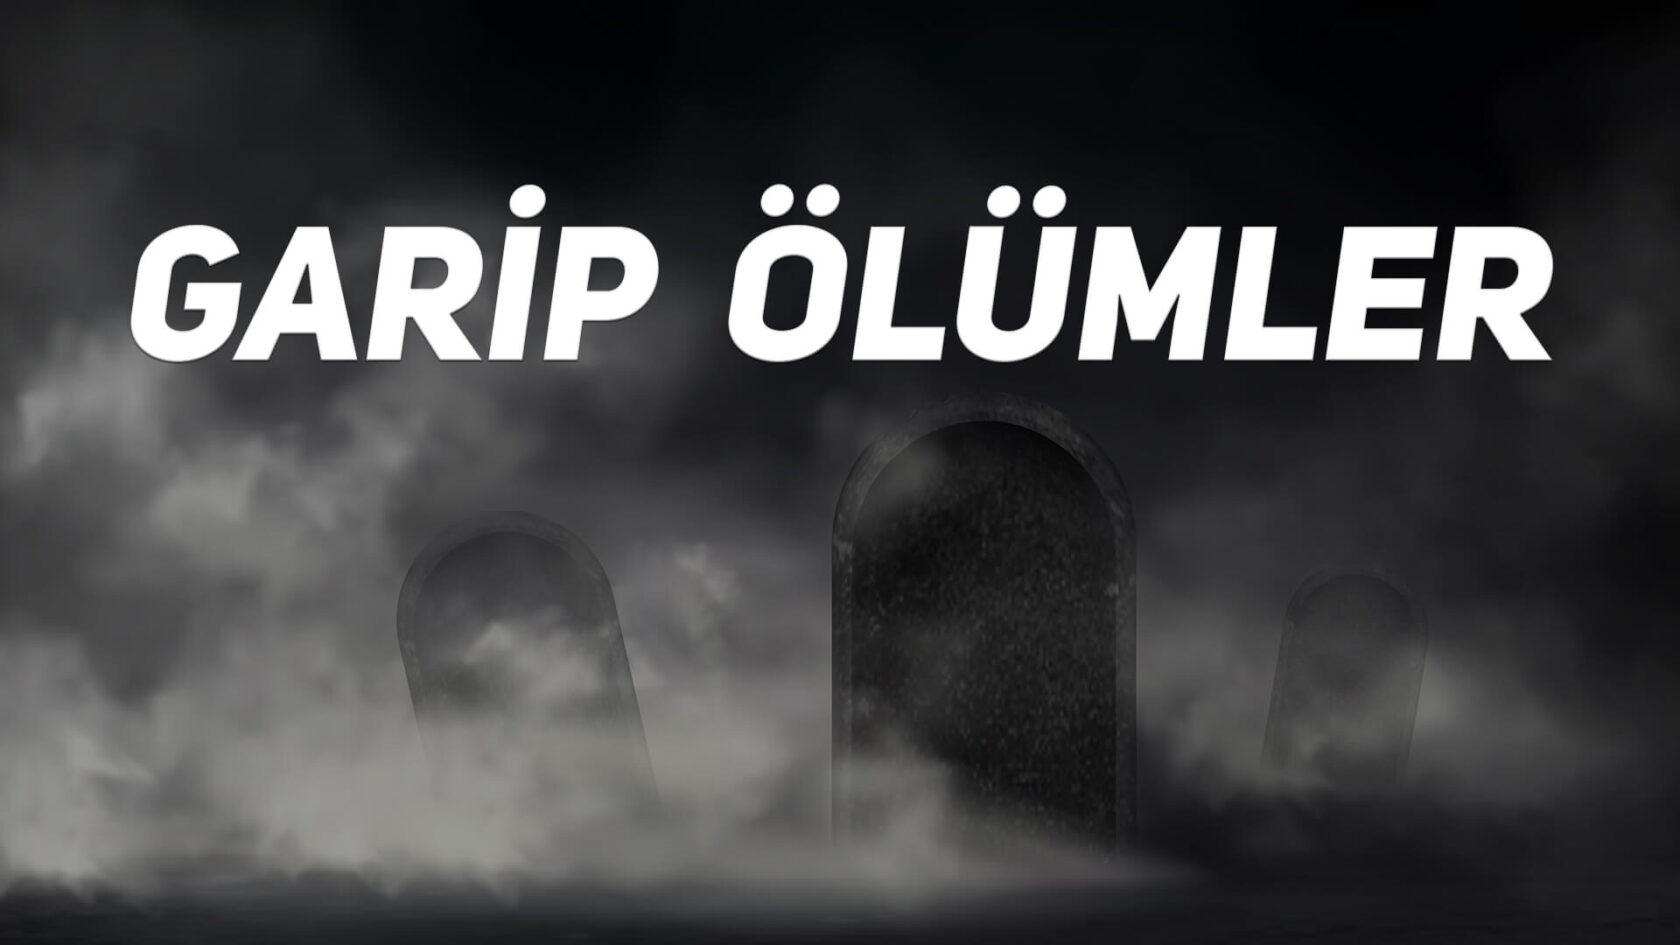 Garip Ölümler